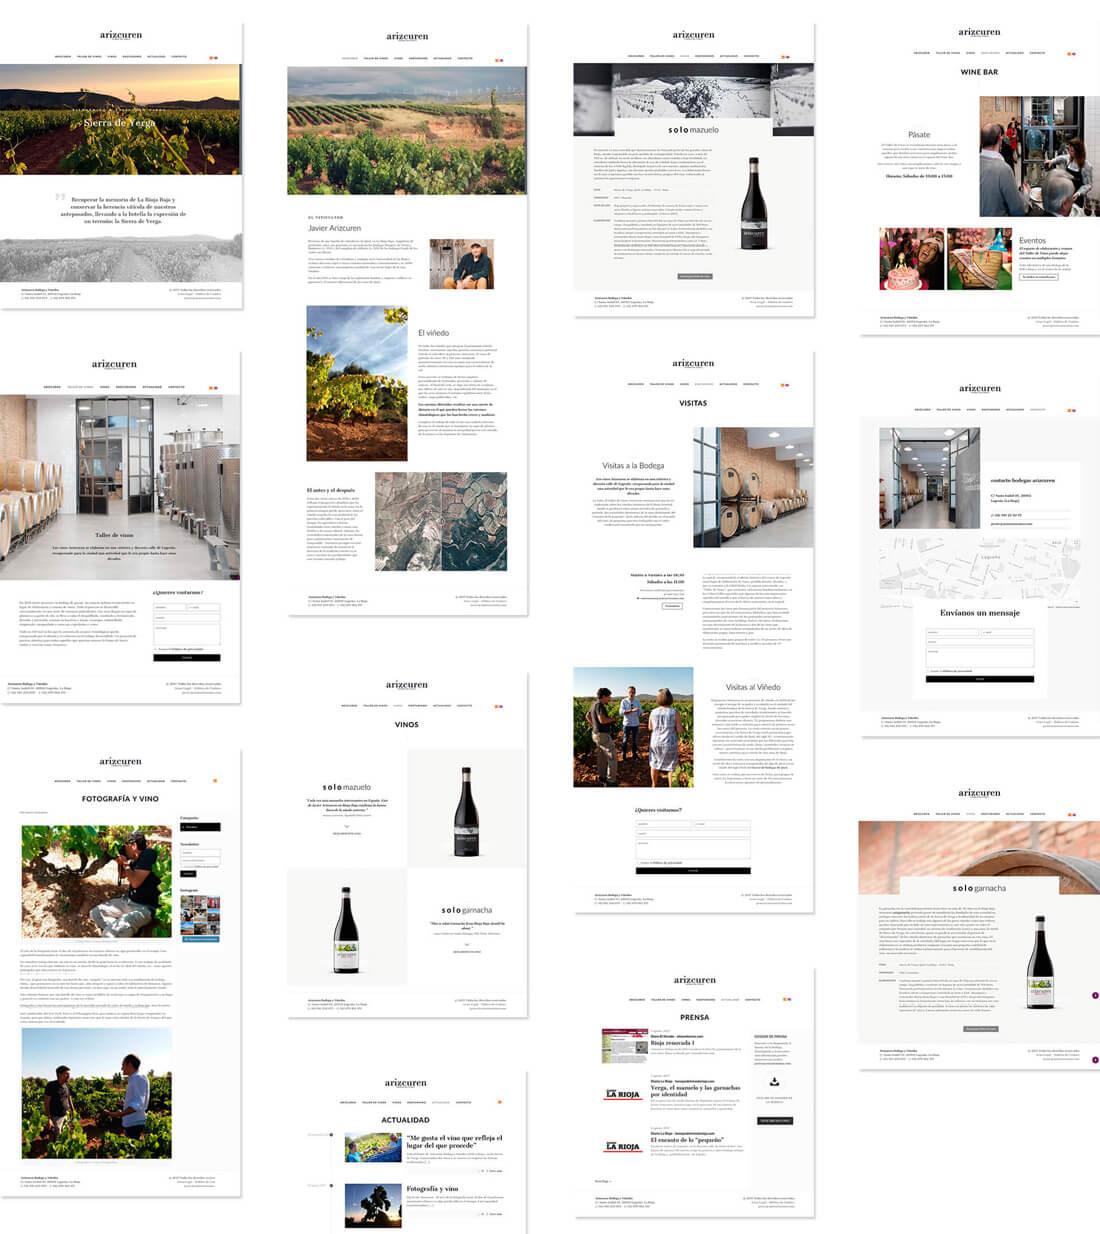 Fichas de los vinos de Arizcuren